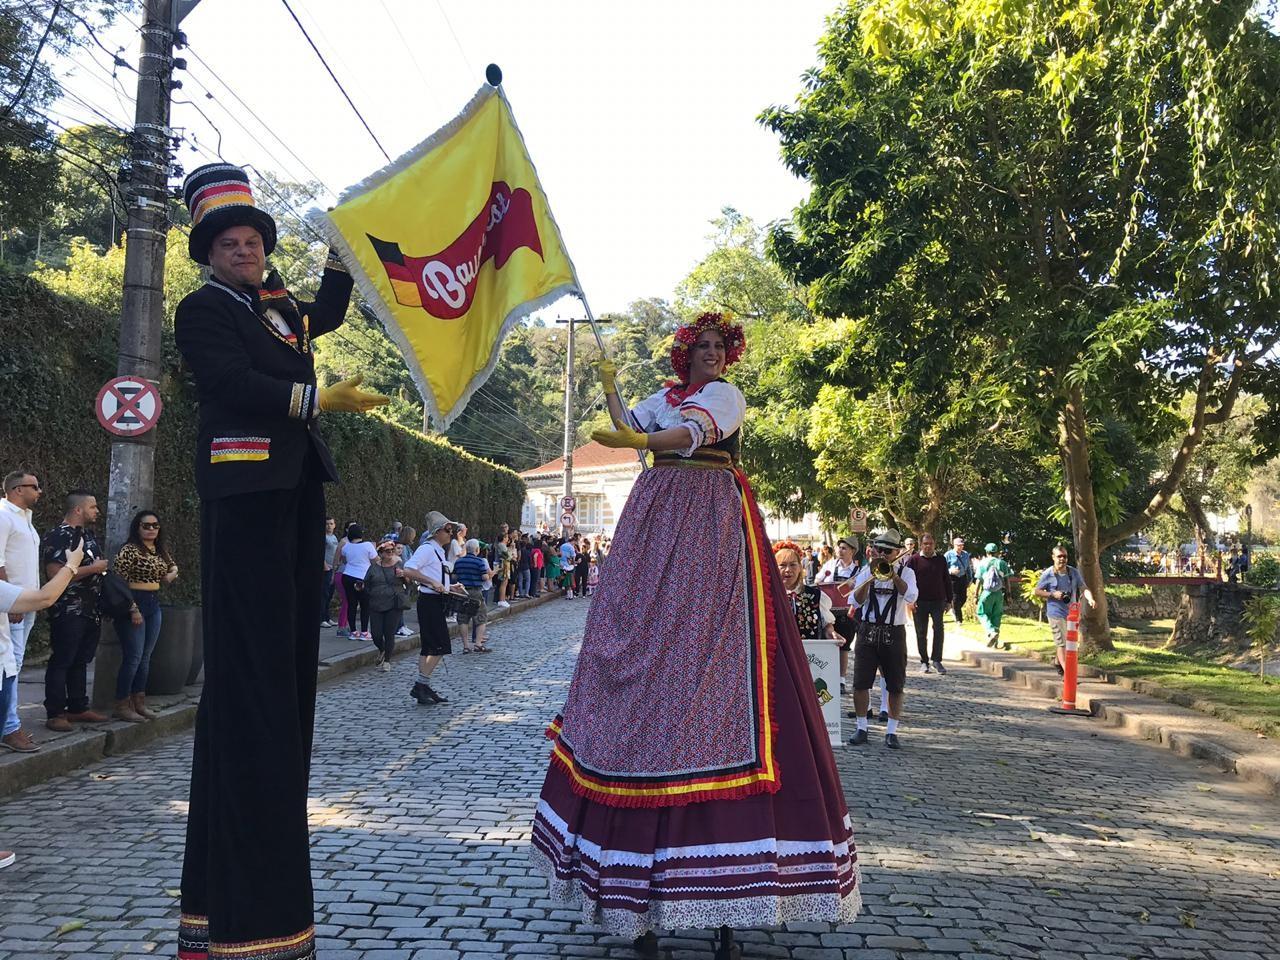 Desfile da Bauernfest leva cultura alemã para ruas do Centro Histórico de Petrópolis, no RJ - Notícias - Plantão Diário